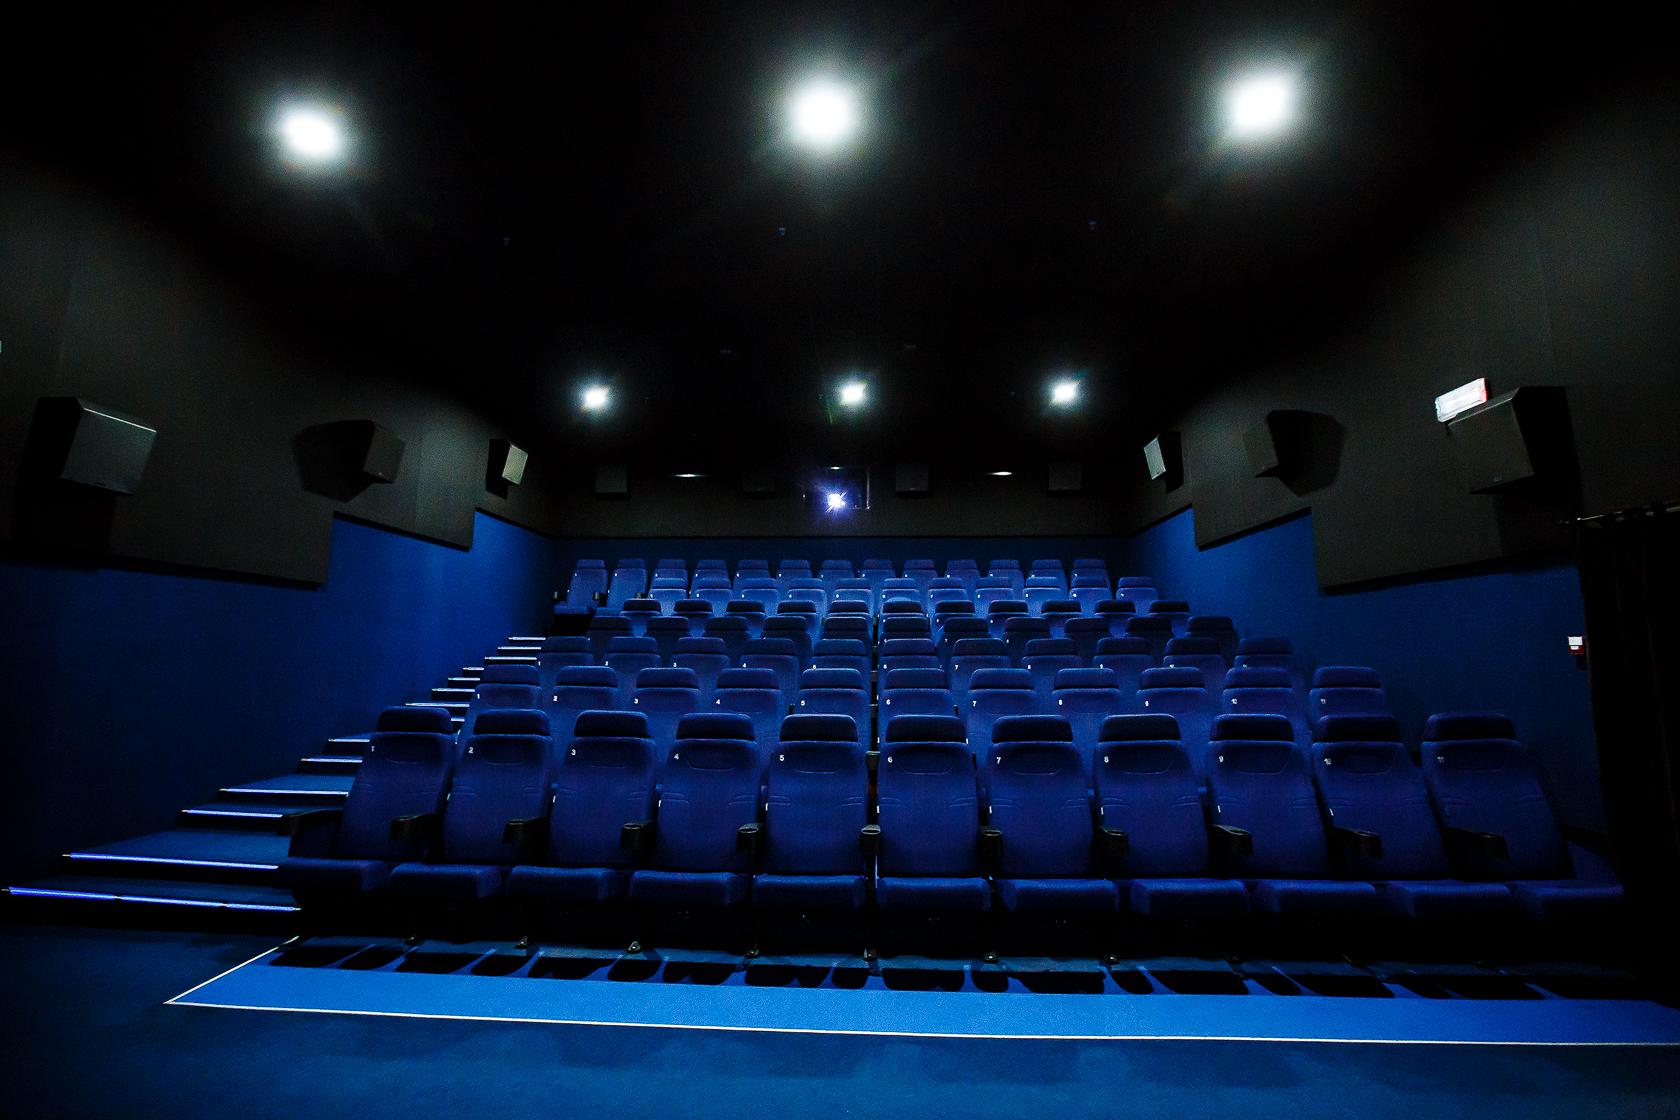 Афиша тюмень кино панама расписание на завтра калининград музей мирового океана цены за билет